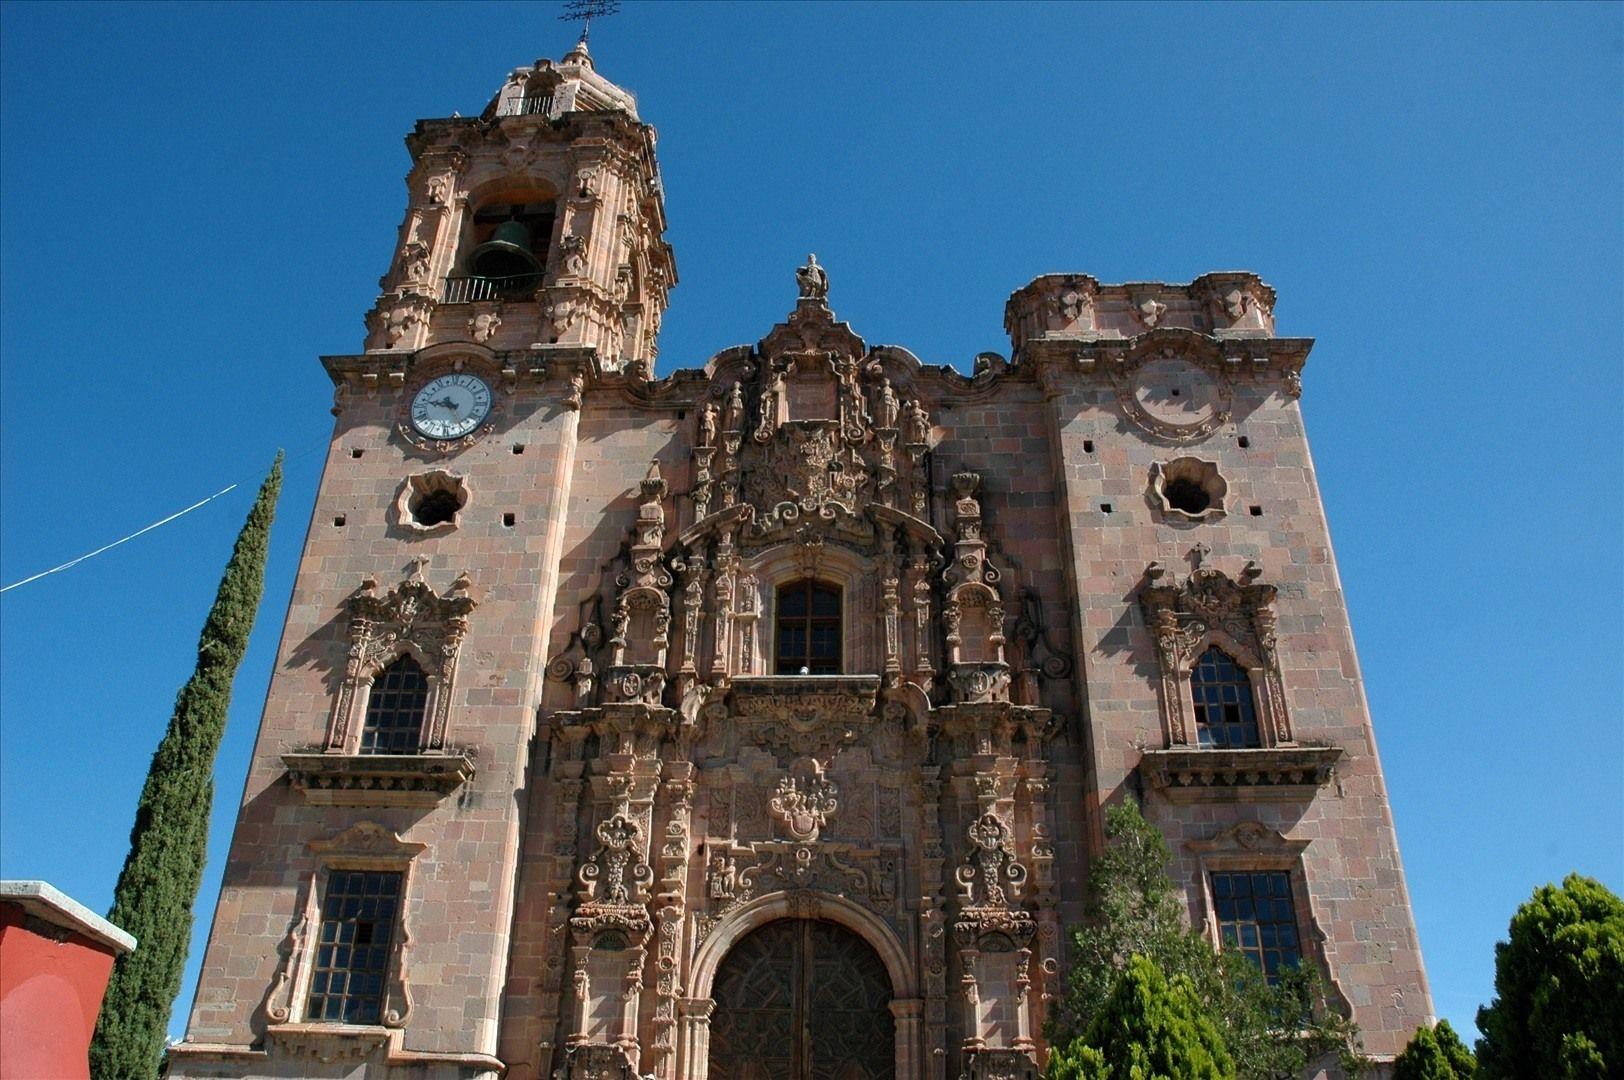 Mucho de la arquitectura vieja del estado es en el estilo de Barroco Mexicano. Las minas fueron muy productivos en este periodo, entonces el estilo Barroco fueron muy popular también. La fotografía muestra La Iglesia Valencia en la ciudad de Guanajuato, un buen ejemplo del arquitectura vieja, bonita, y típica de la área. La construcción de la iglesia fue completado en 1788.